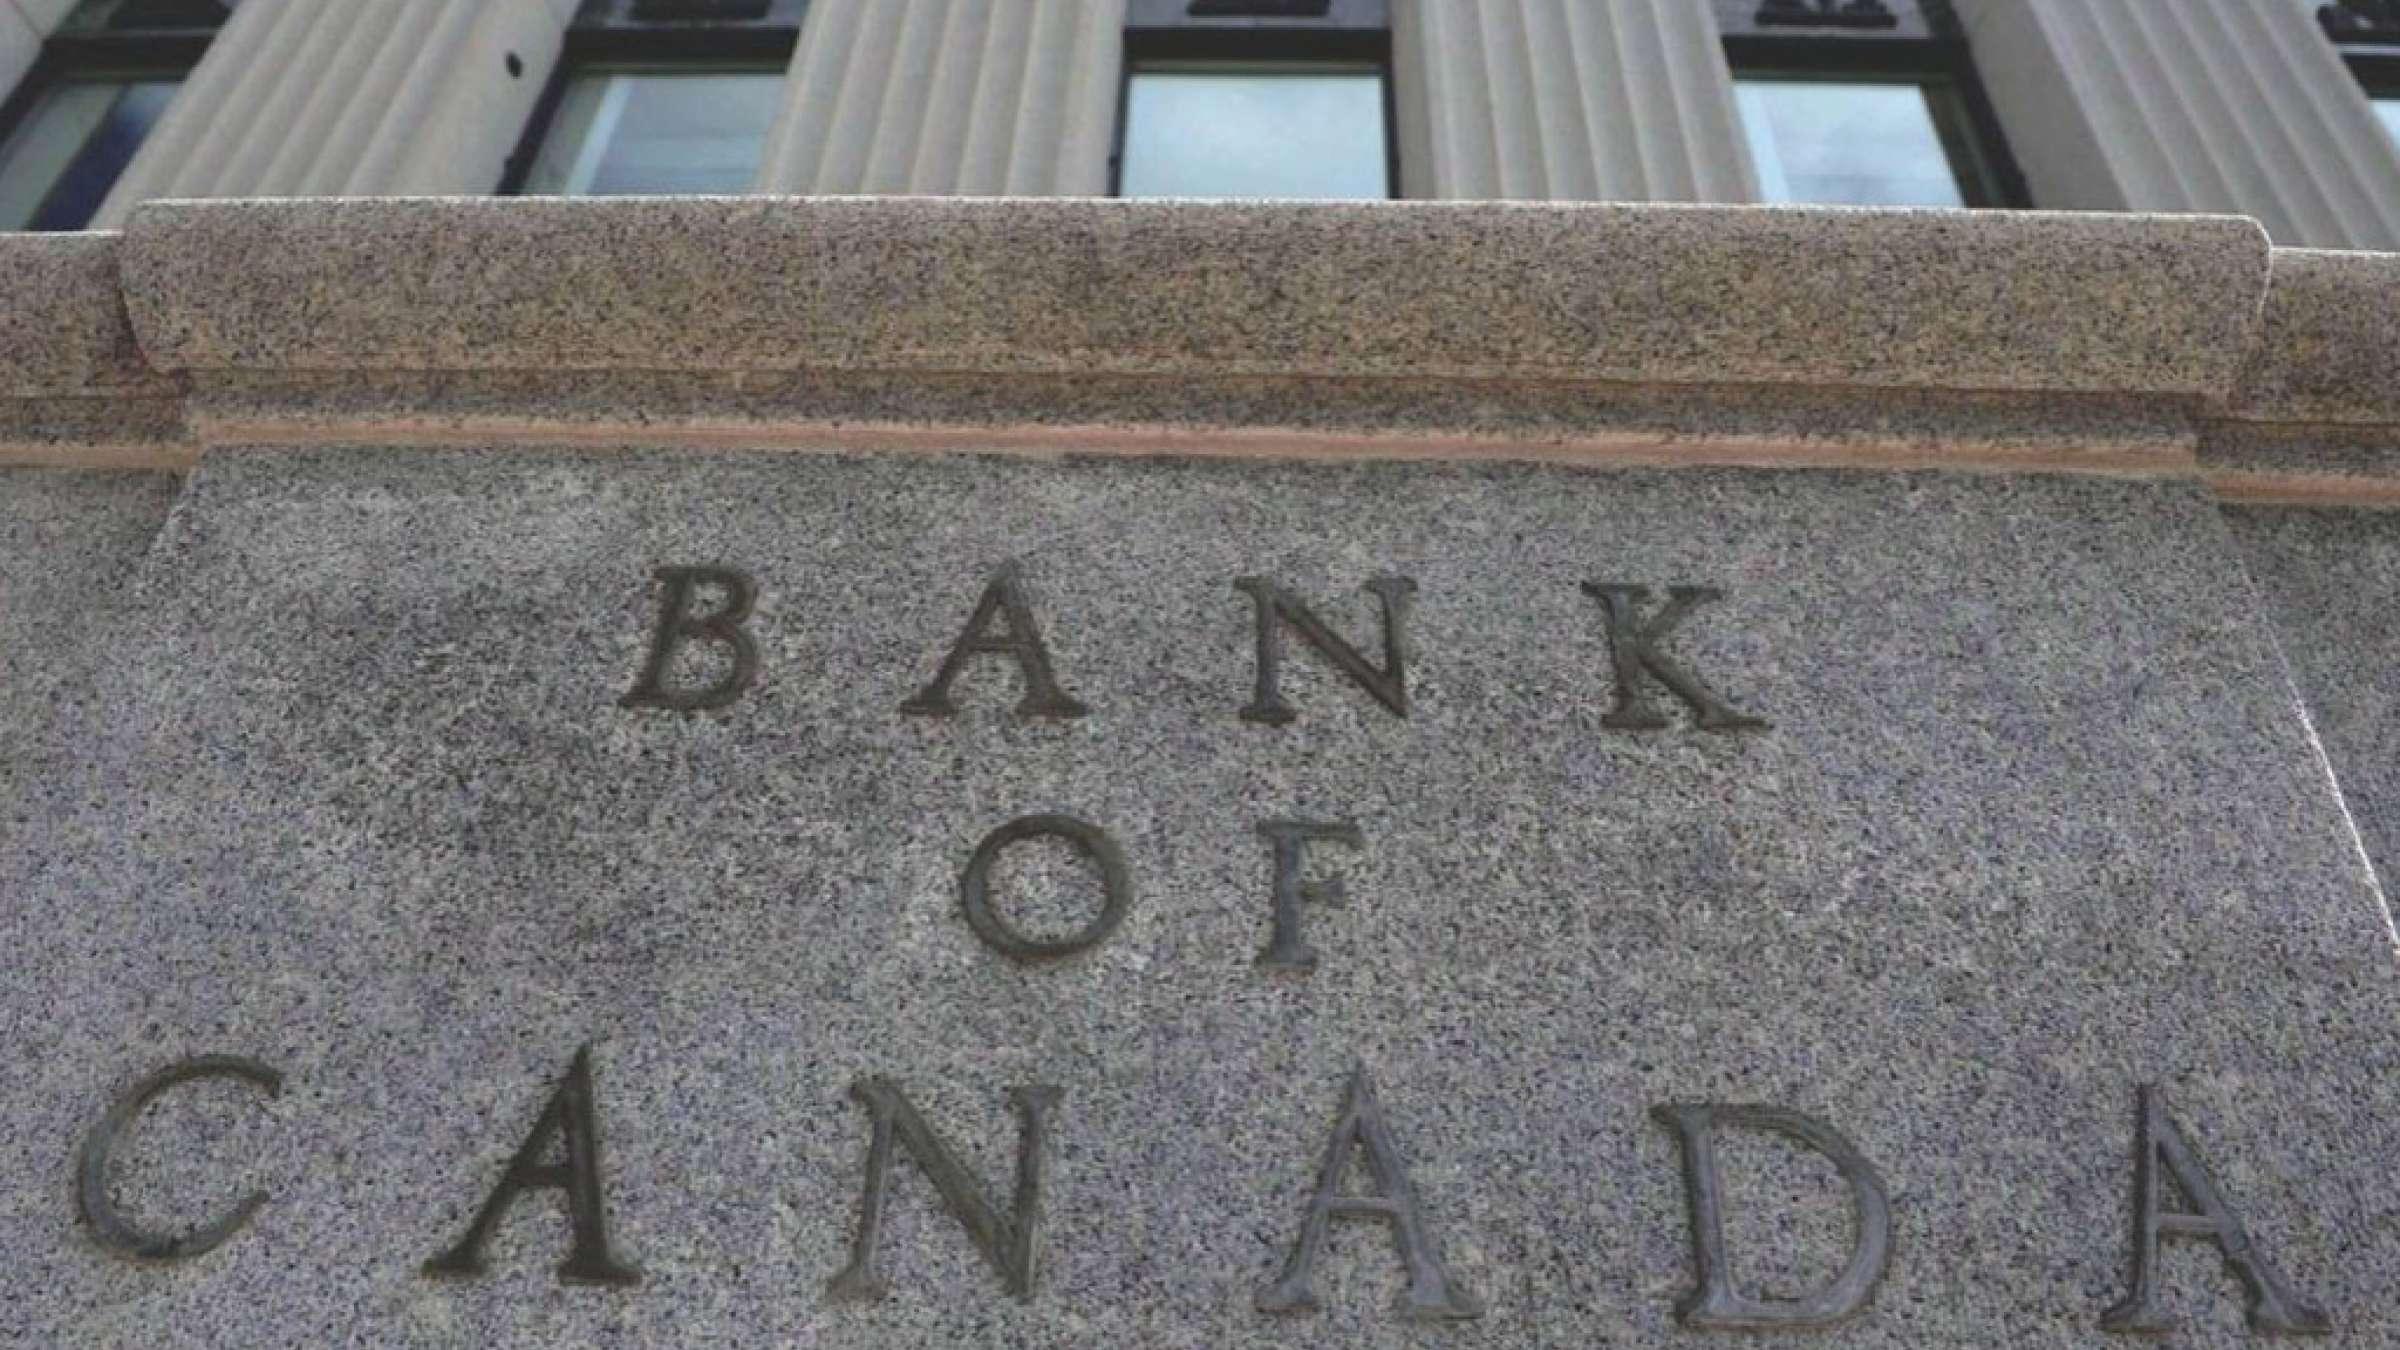 اخبار-کانادا-بانک-مرکزی-کانادا-نرخ-استرس-تست-وام-مسکن-را-کاهش-داد